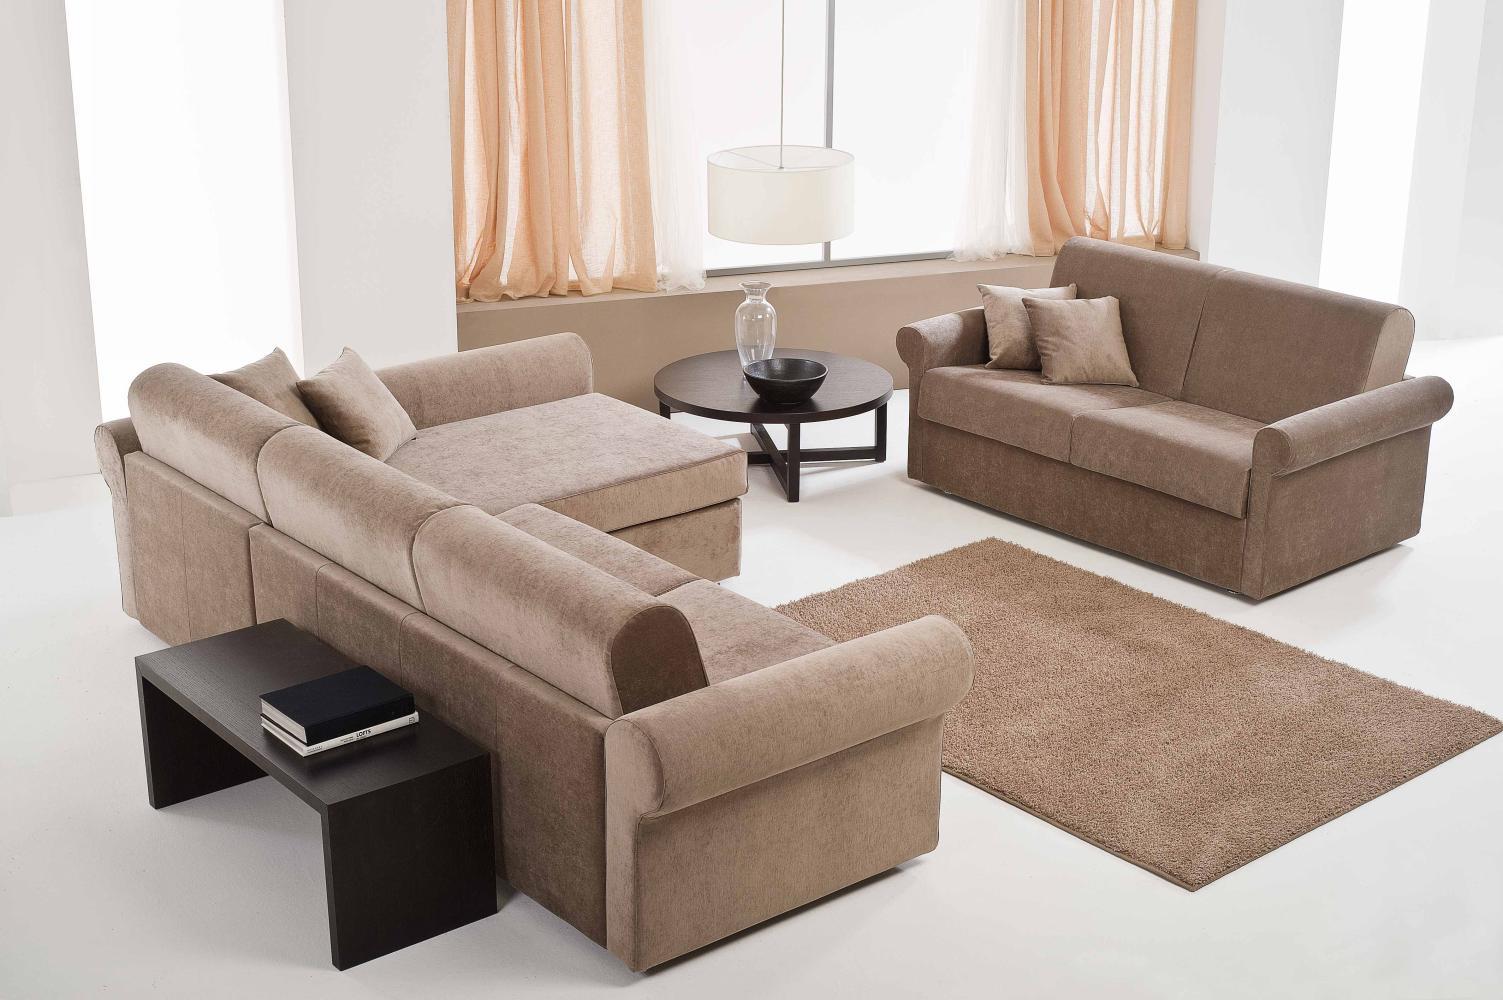 Componibili con chaise longue emporiodivani sedute - Divani letto con chaise longue ...